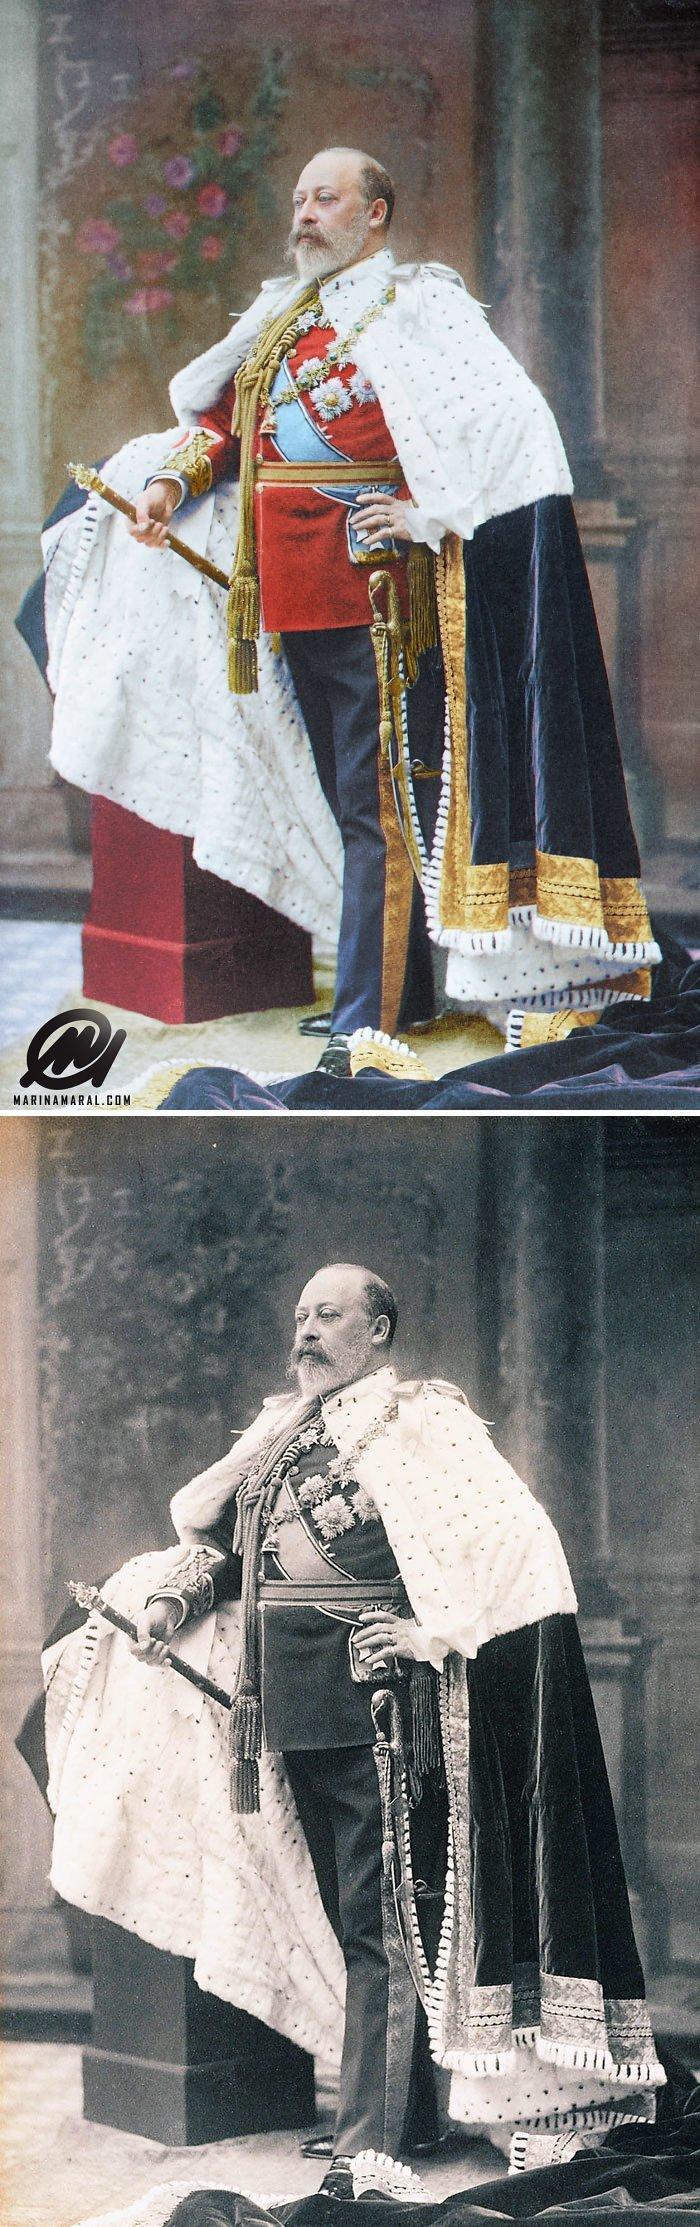 Эдуард VII в день коронации, 1902 год история, портрет, прошлое, событие, фотография, фотомир, цвет